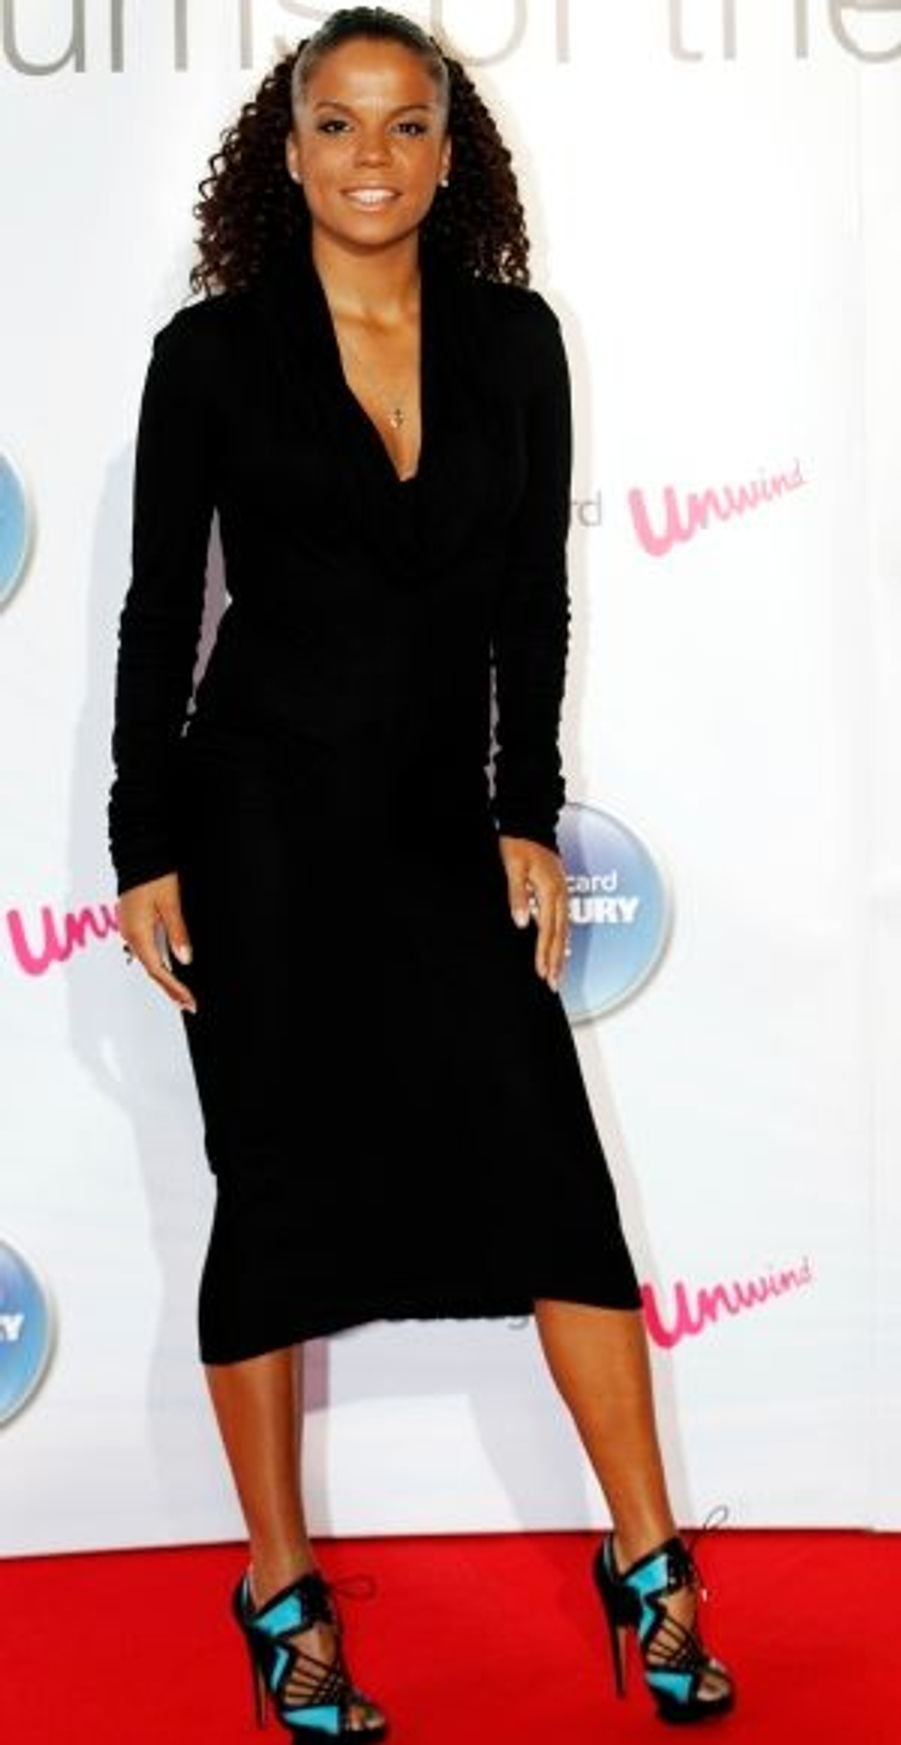 La chanteuse Ms Dynamite, primée en 2002 était également membre du jury de cette édition 2011.